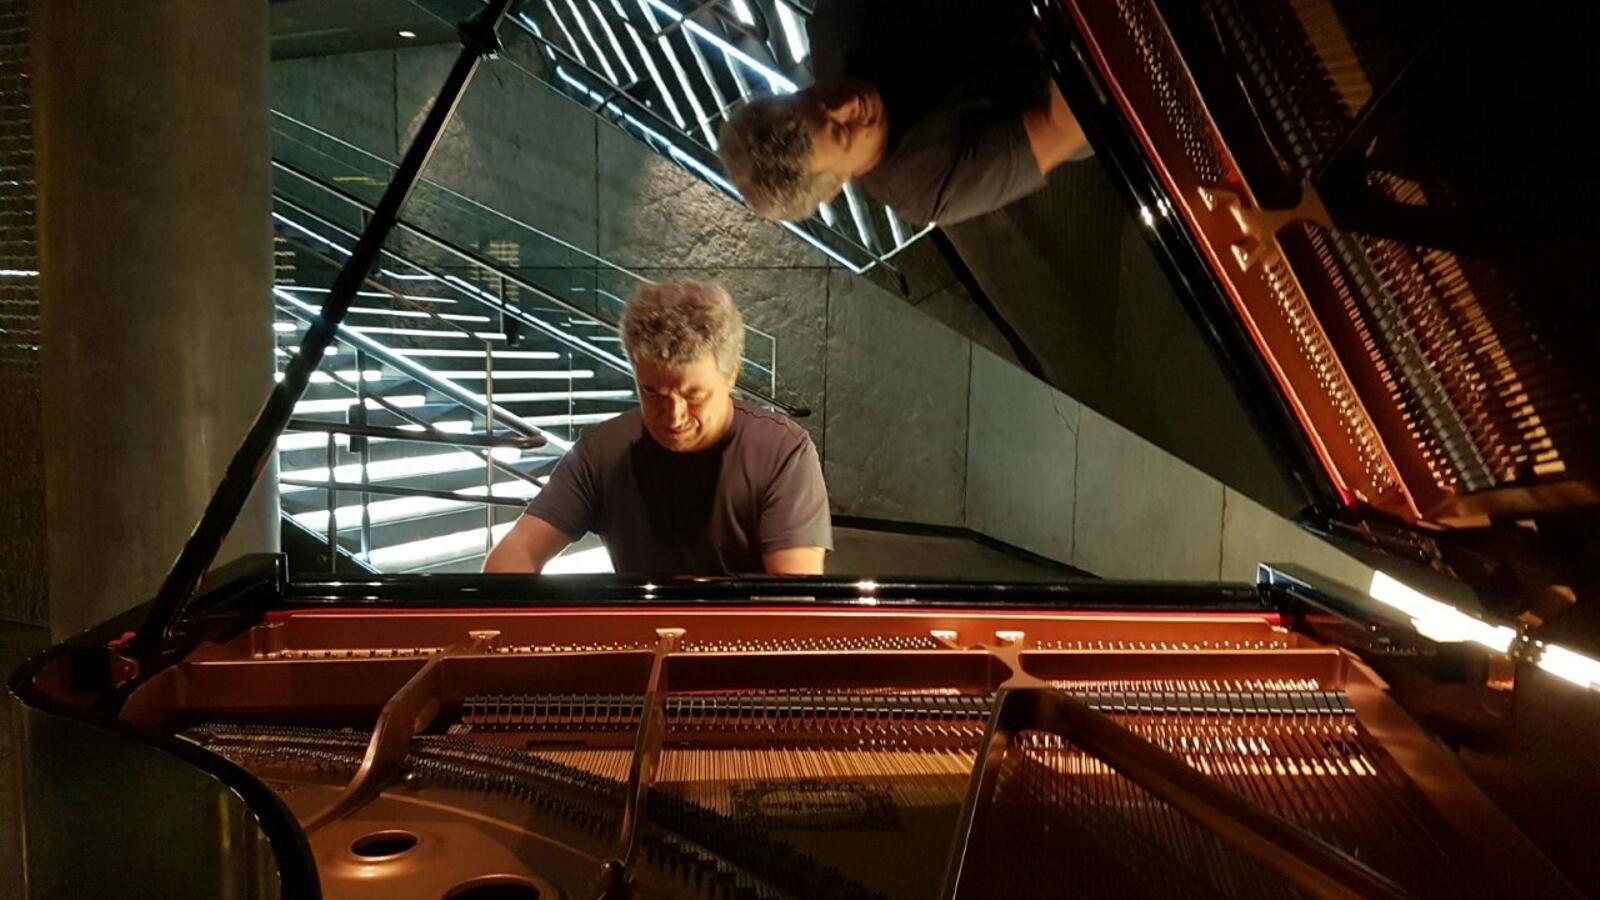 Luis Carmons és un dels professionals més importants del piano.